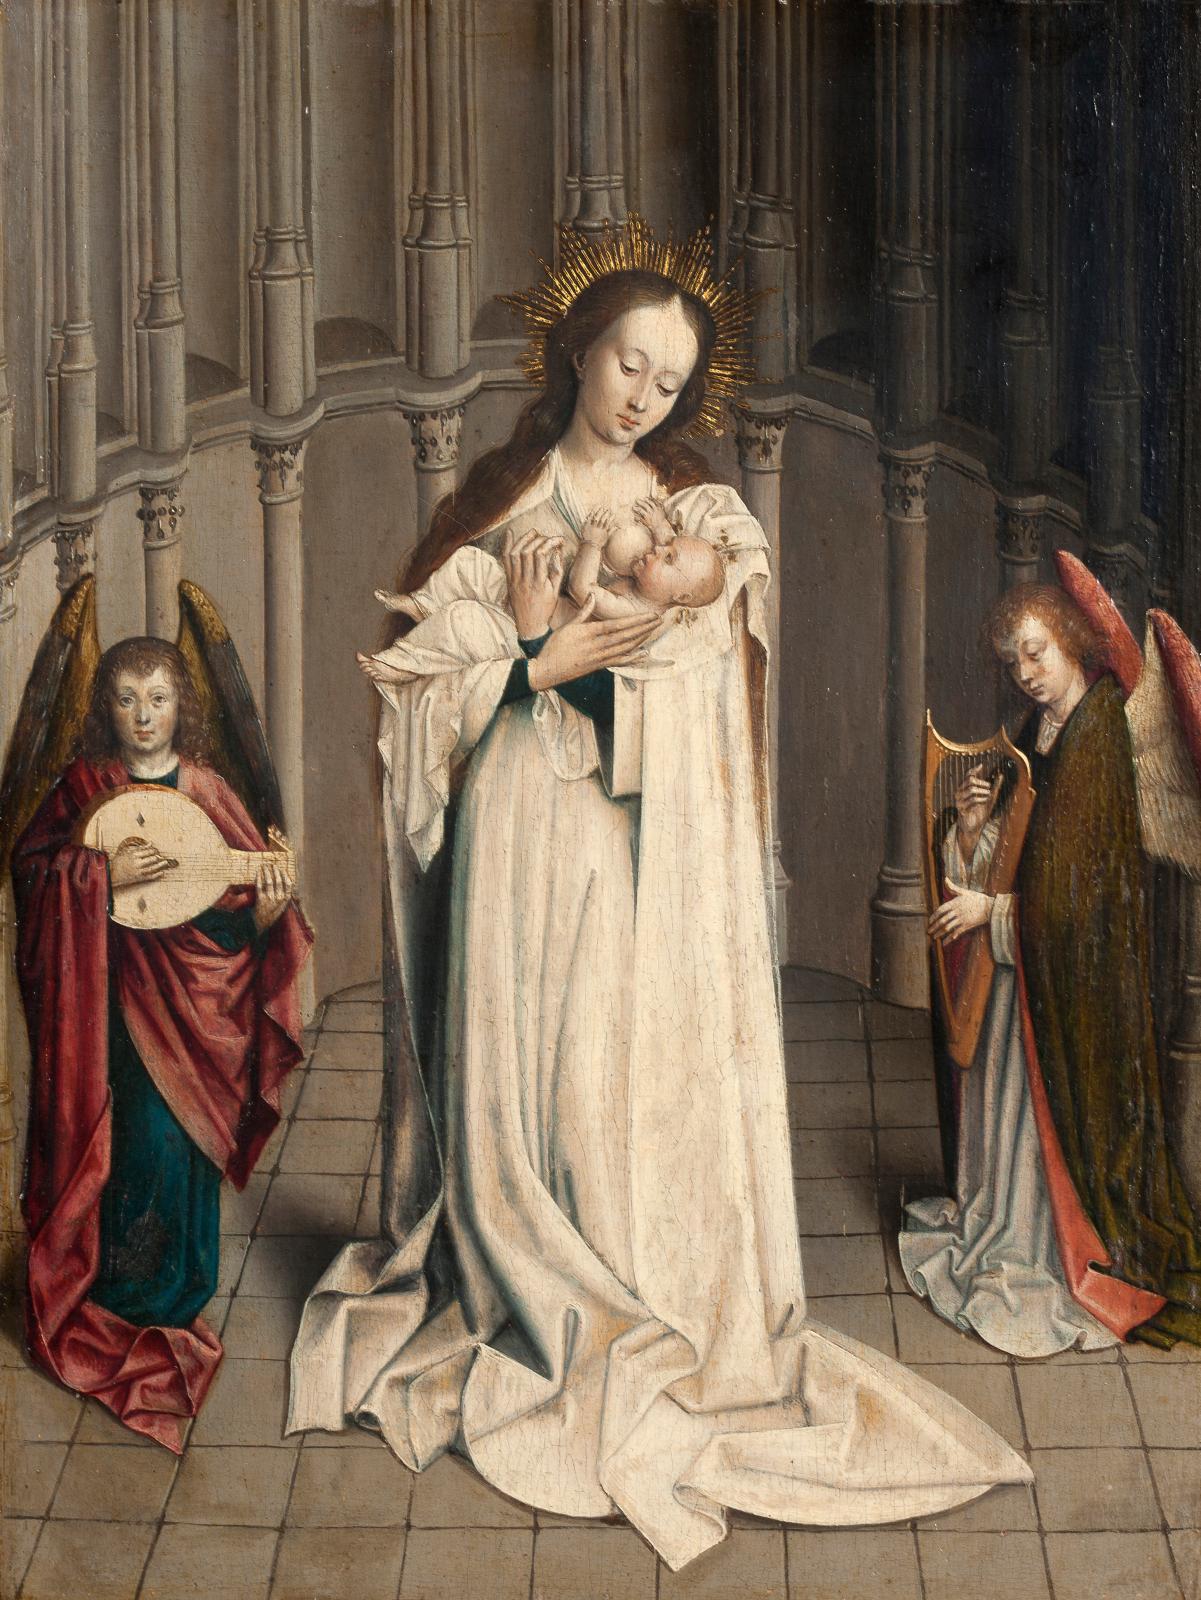 La douce mélodie des anges résonnait à nouveau, cette fois sur ce panneau réalisé au XVesiècle par l'atelier de Robert Campin, dit le Maî